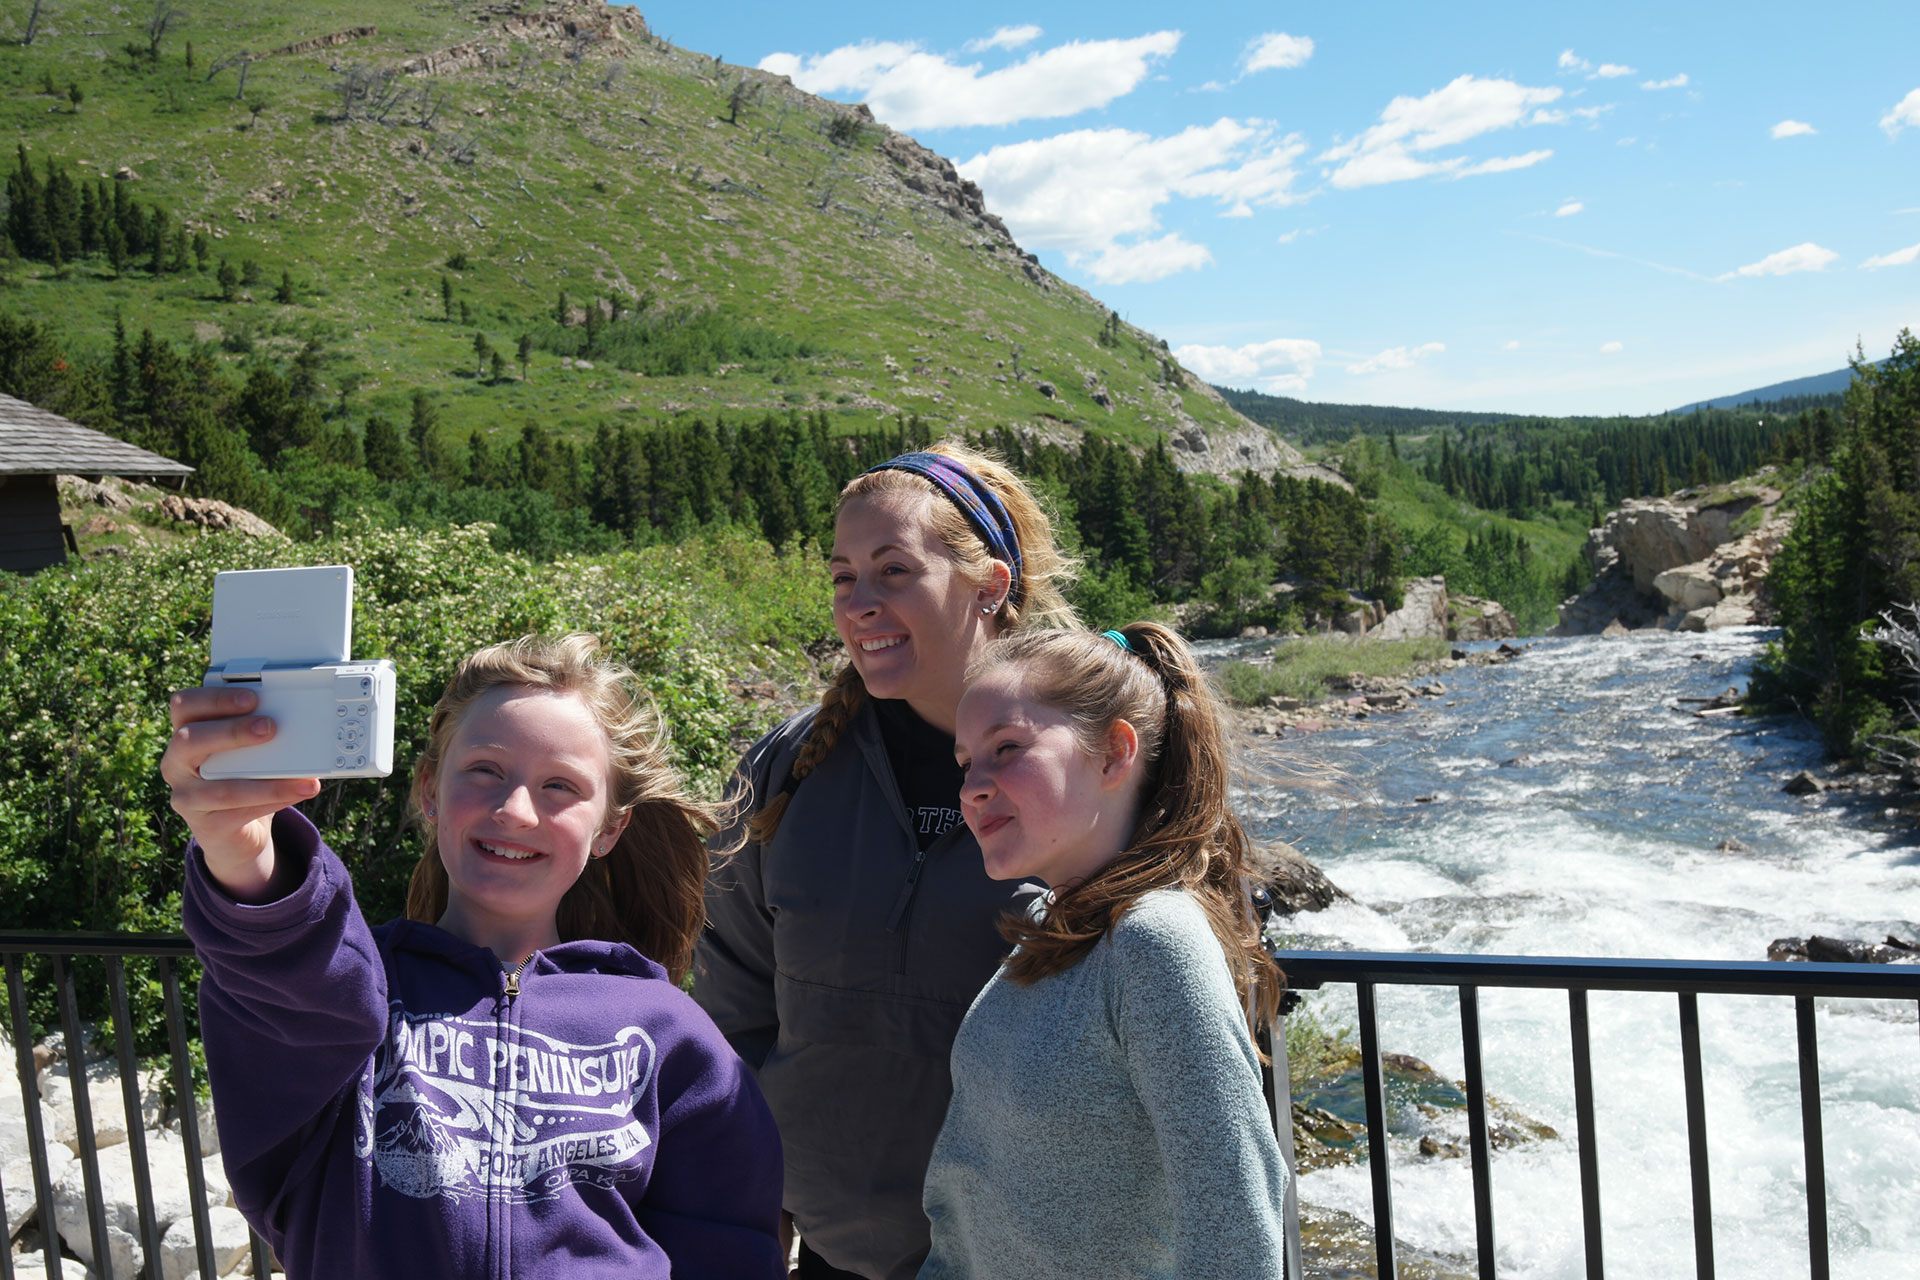 Teen Girls Taking Selfie; Courtesy of Jeff Bogle